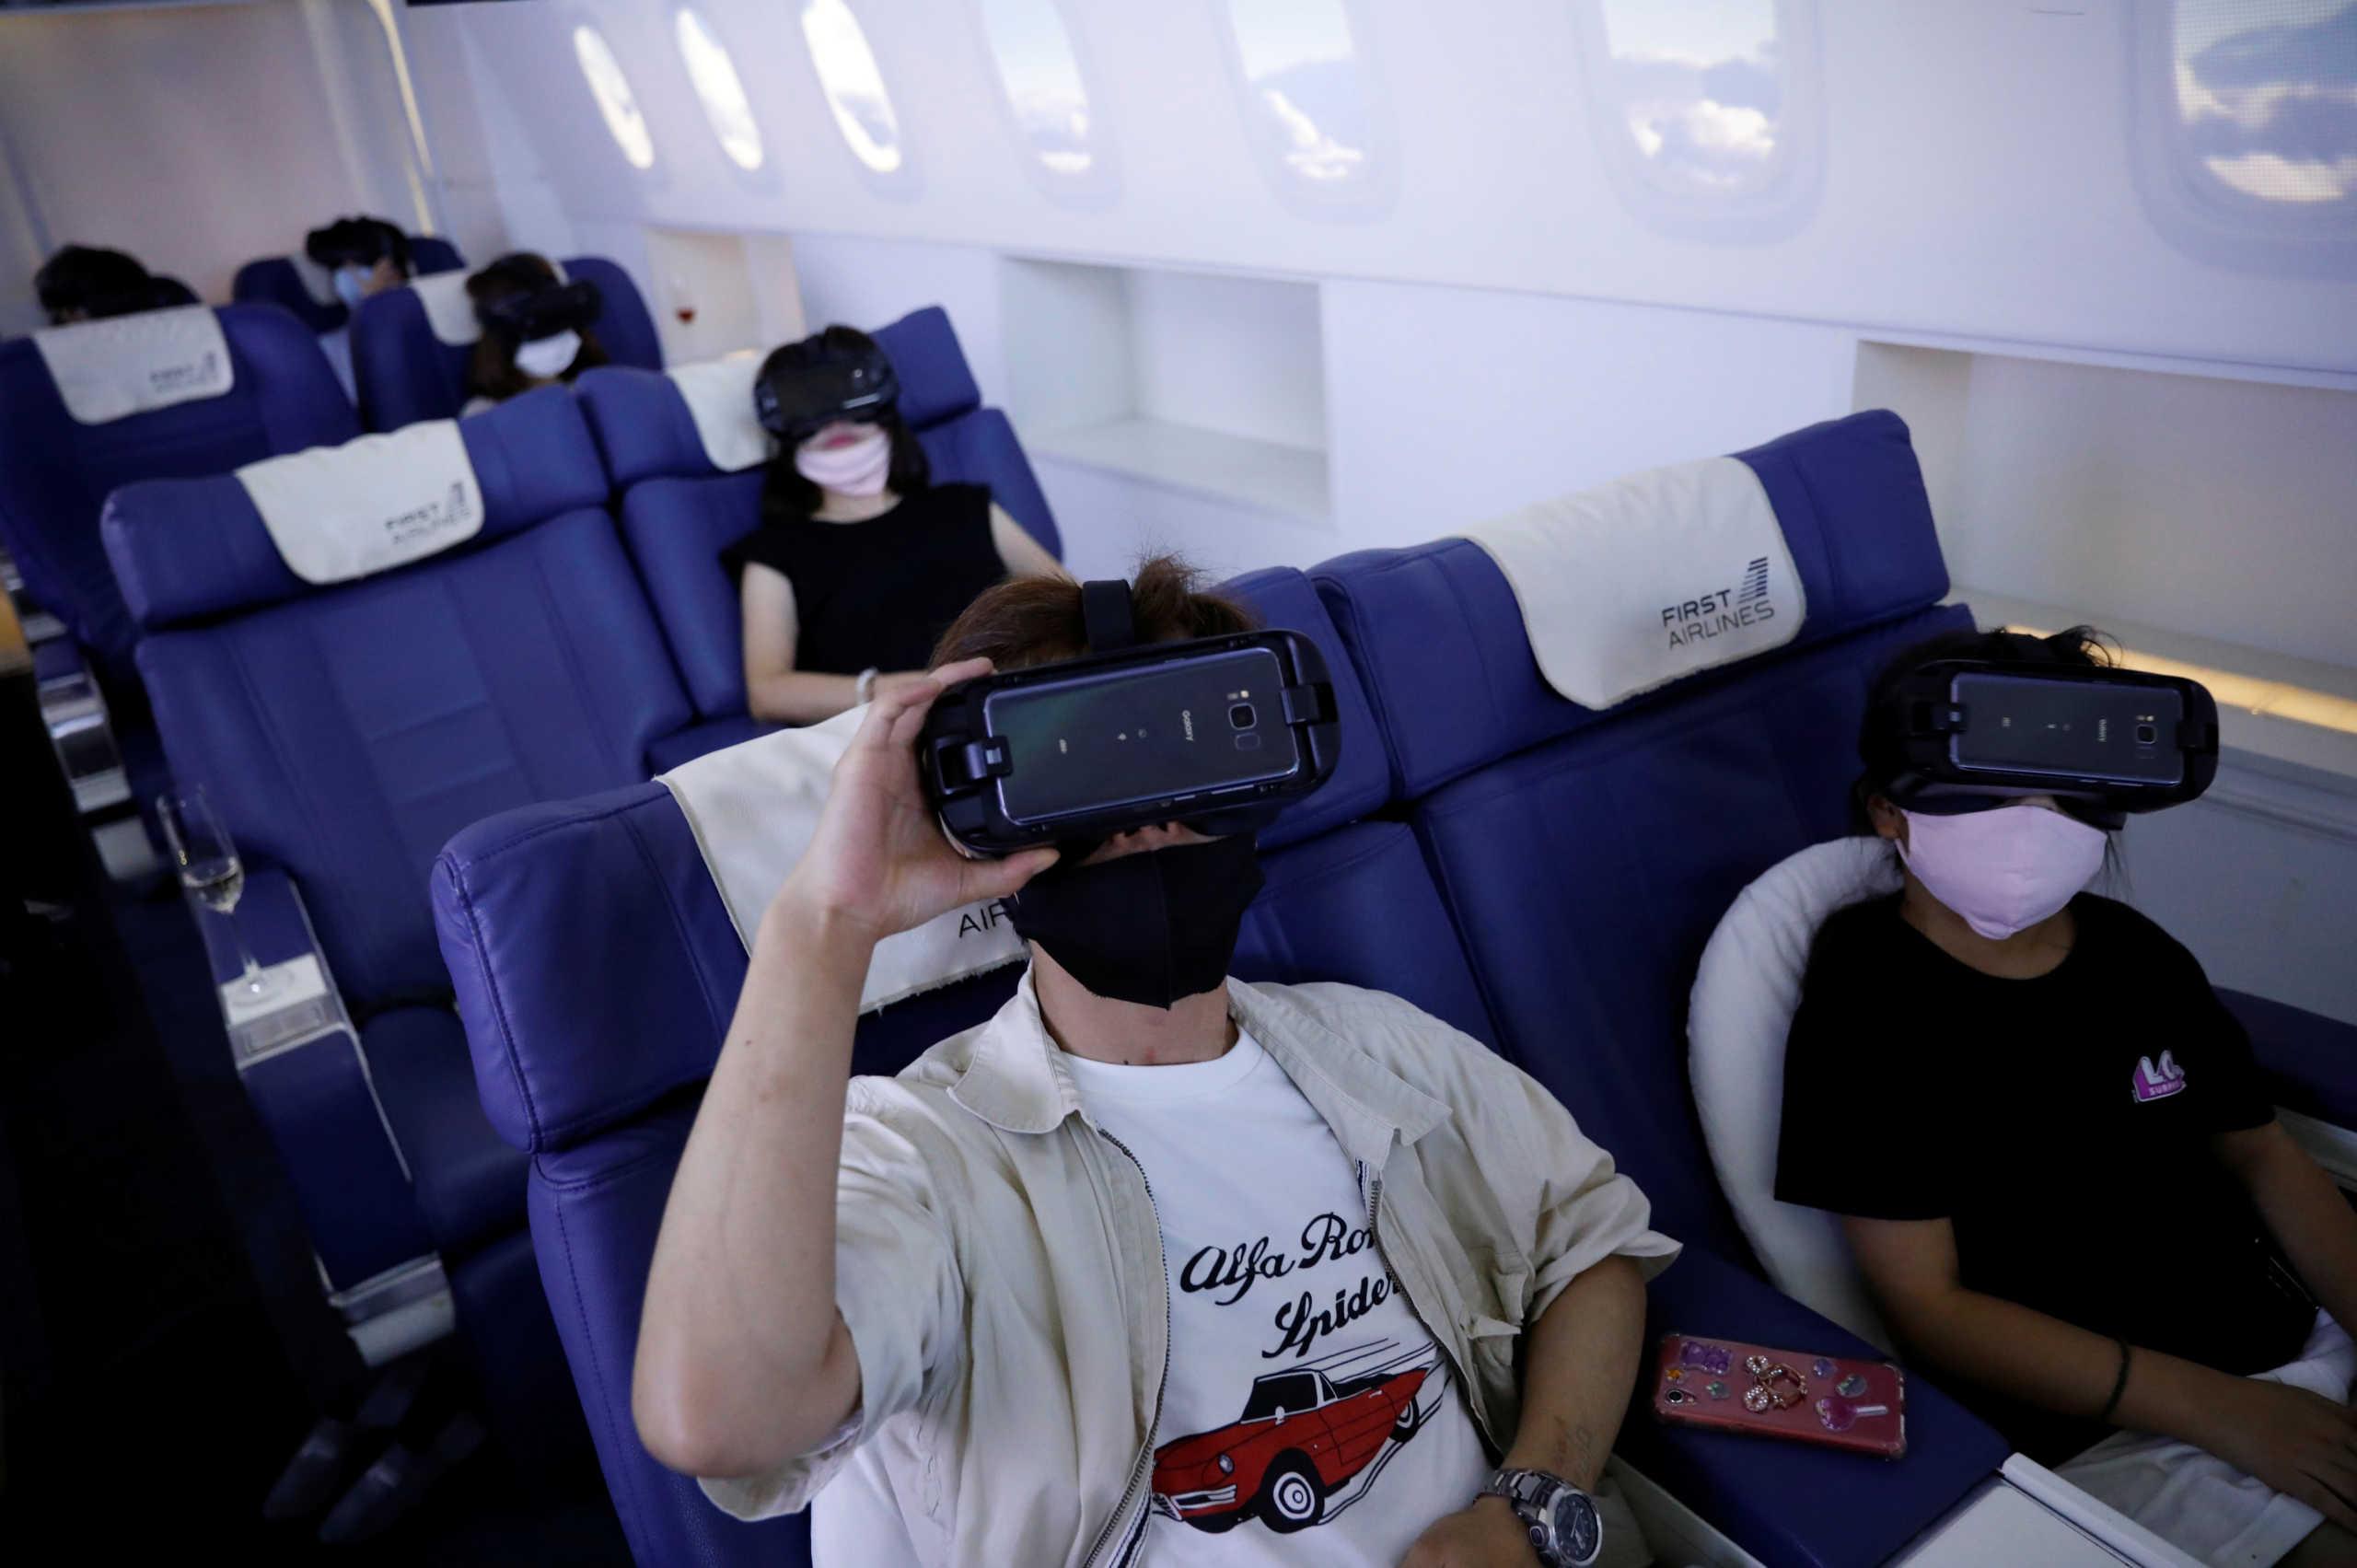 Διακοπές χωρίς να μετακινηθούν για τους Ιάπωνες χάρη στην τεχνολογία εικονικής πραγματικότητας